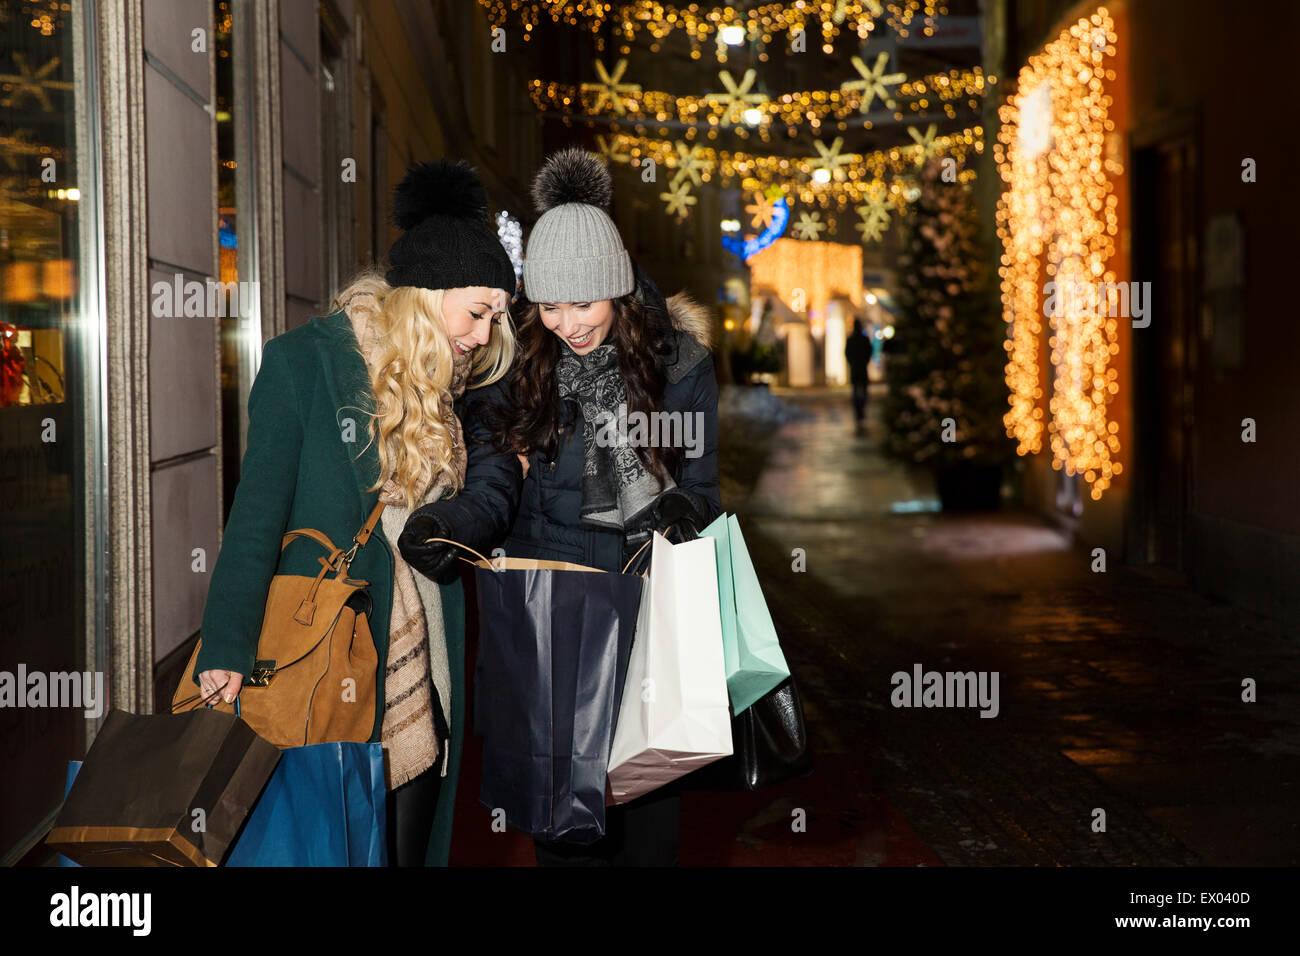 735da47902 Frauen Einkaufen Stockfotos & Frauen Einkaufen Bilder - Alamy